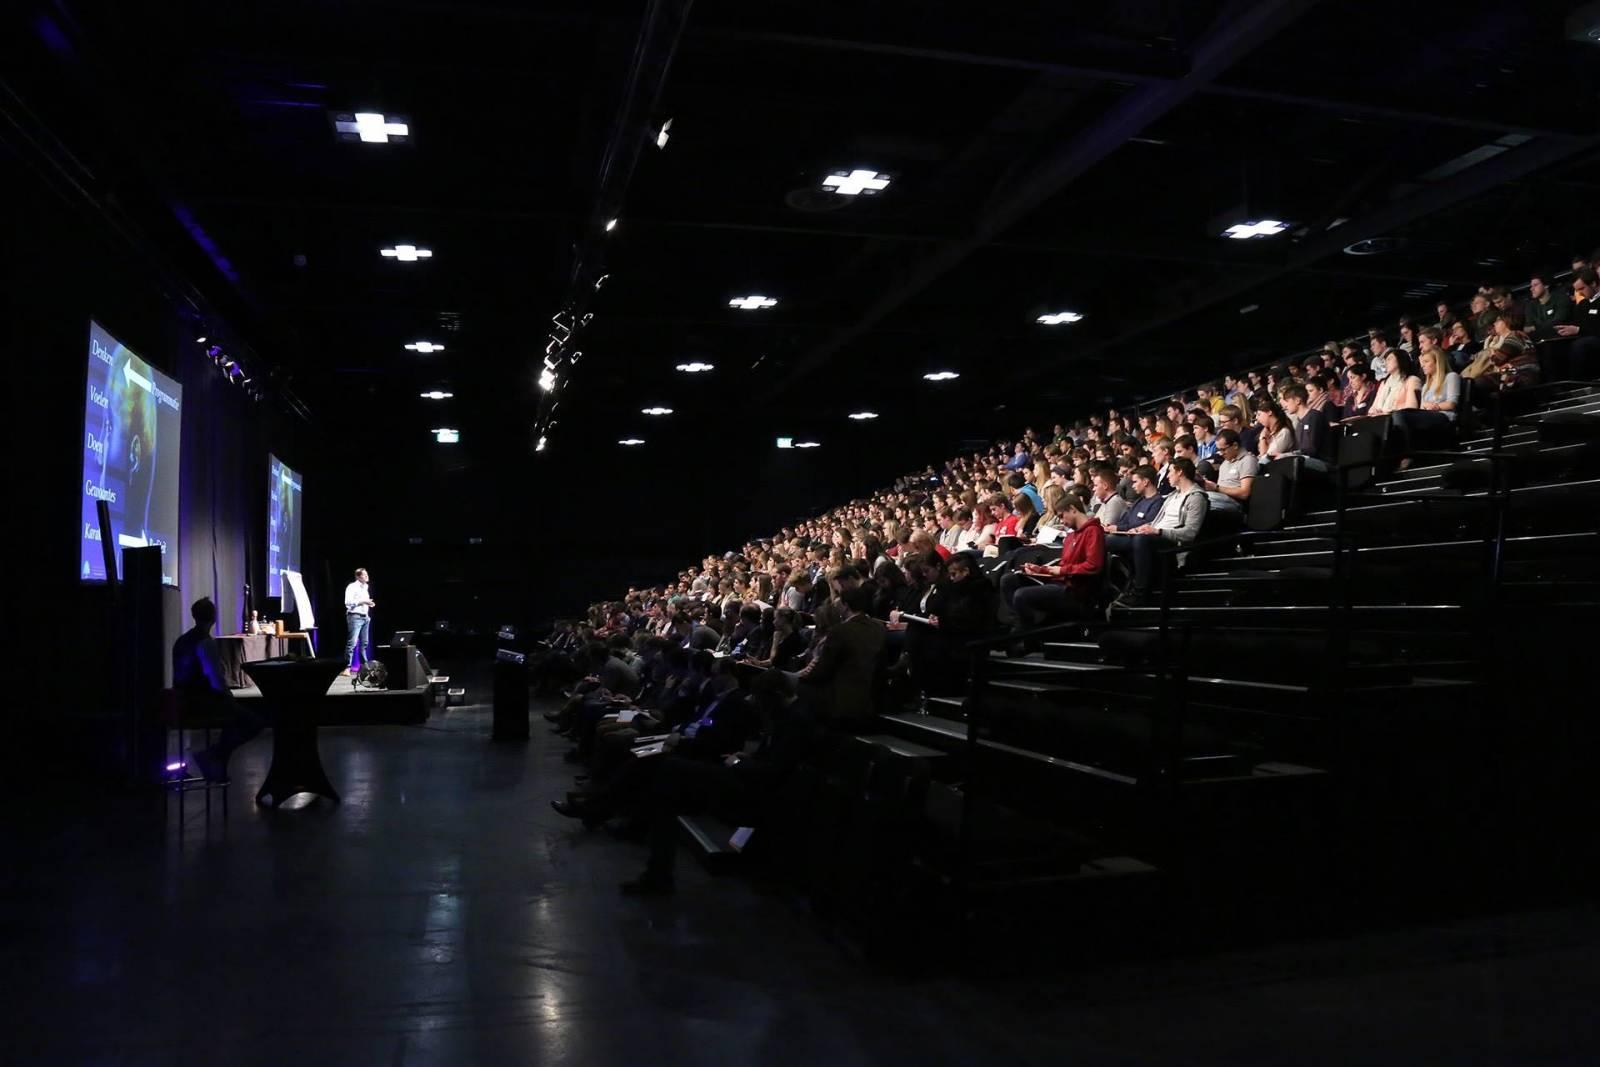 Kortrijk Xpo - Eventlocatie - Feestzaal - Kortrijk - Expohal - House of Events - 2